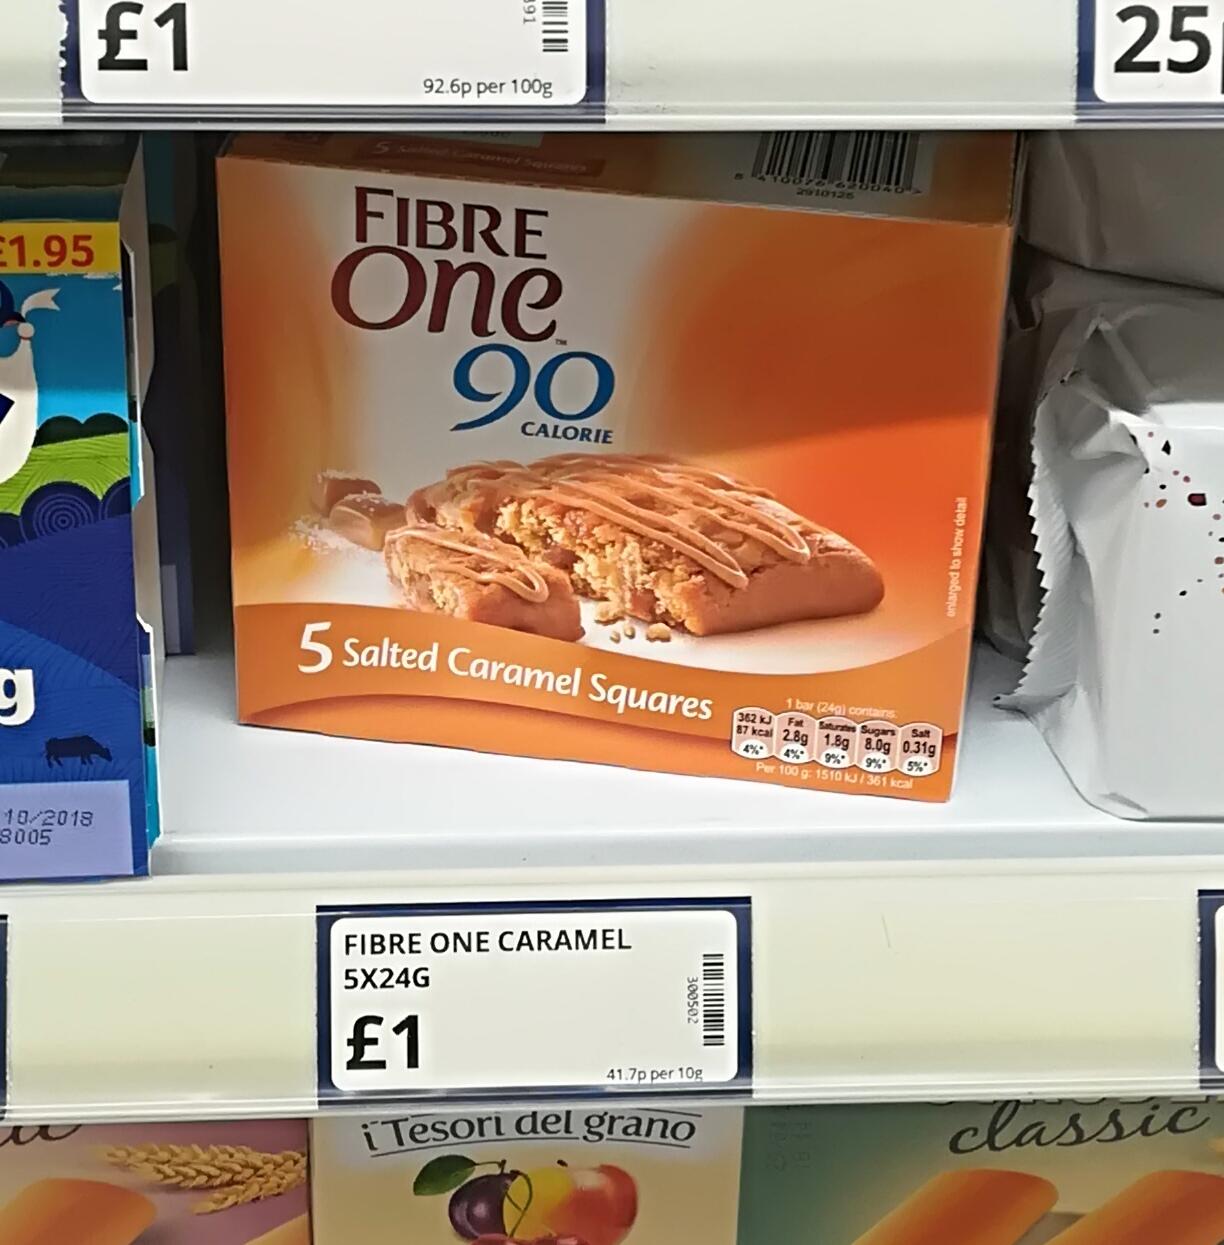 Fibre One 90 Calorie 5 Salted Caramel Squares £1 @ Poundstretcher